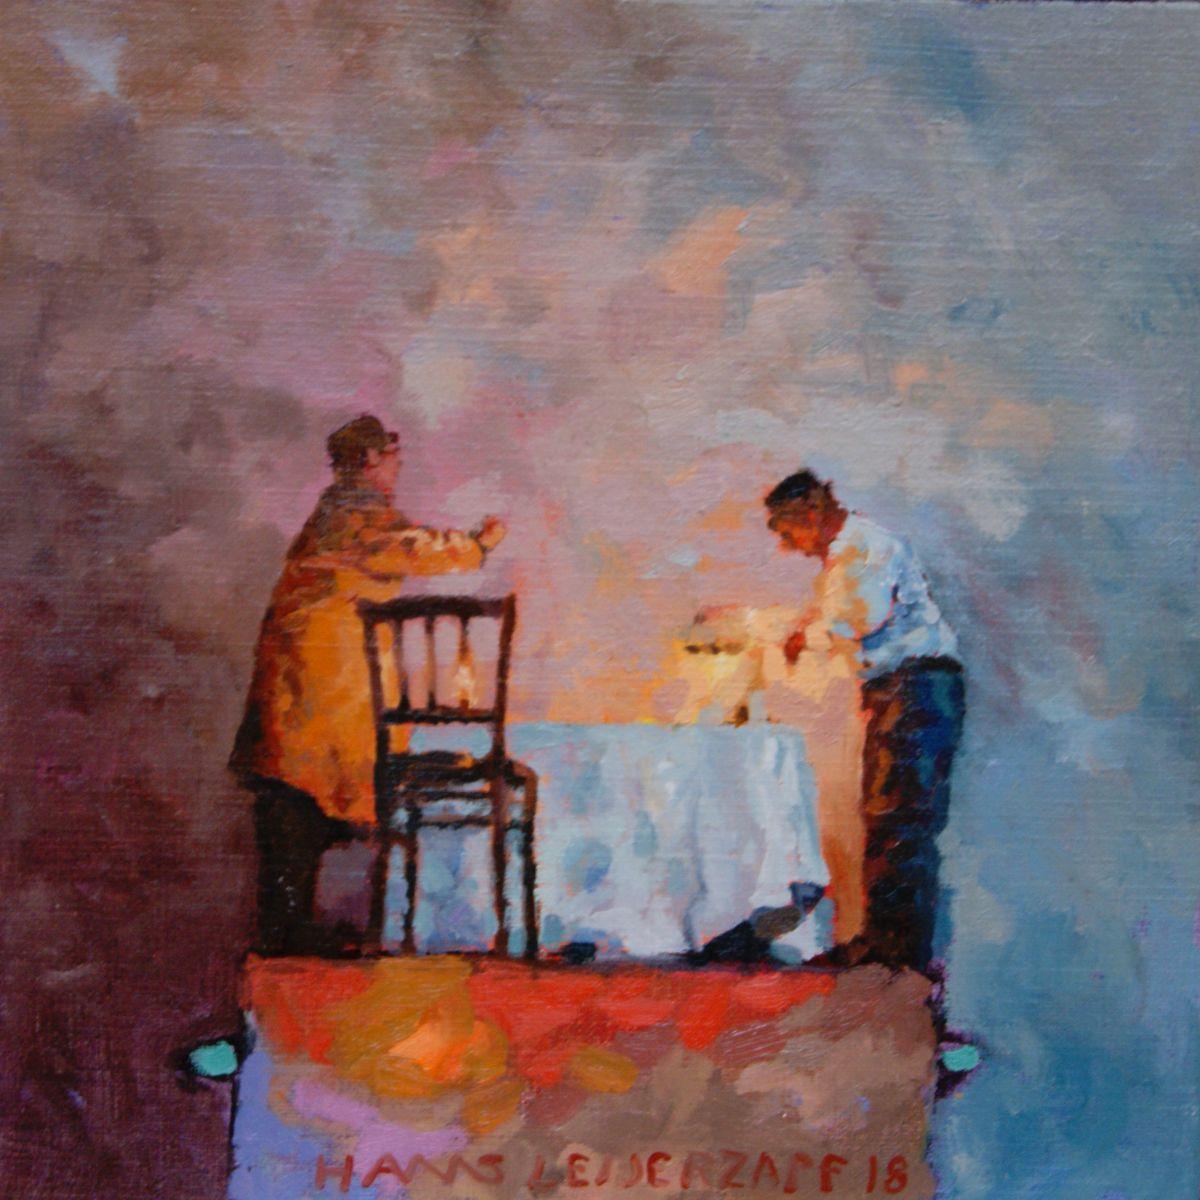 Kunst: Kalme heren van kunstenaar Hans Leijerzapf